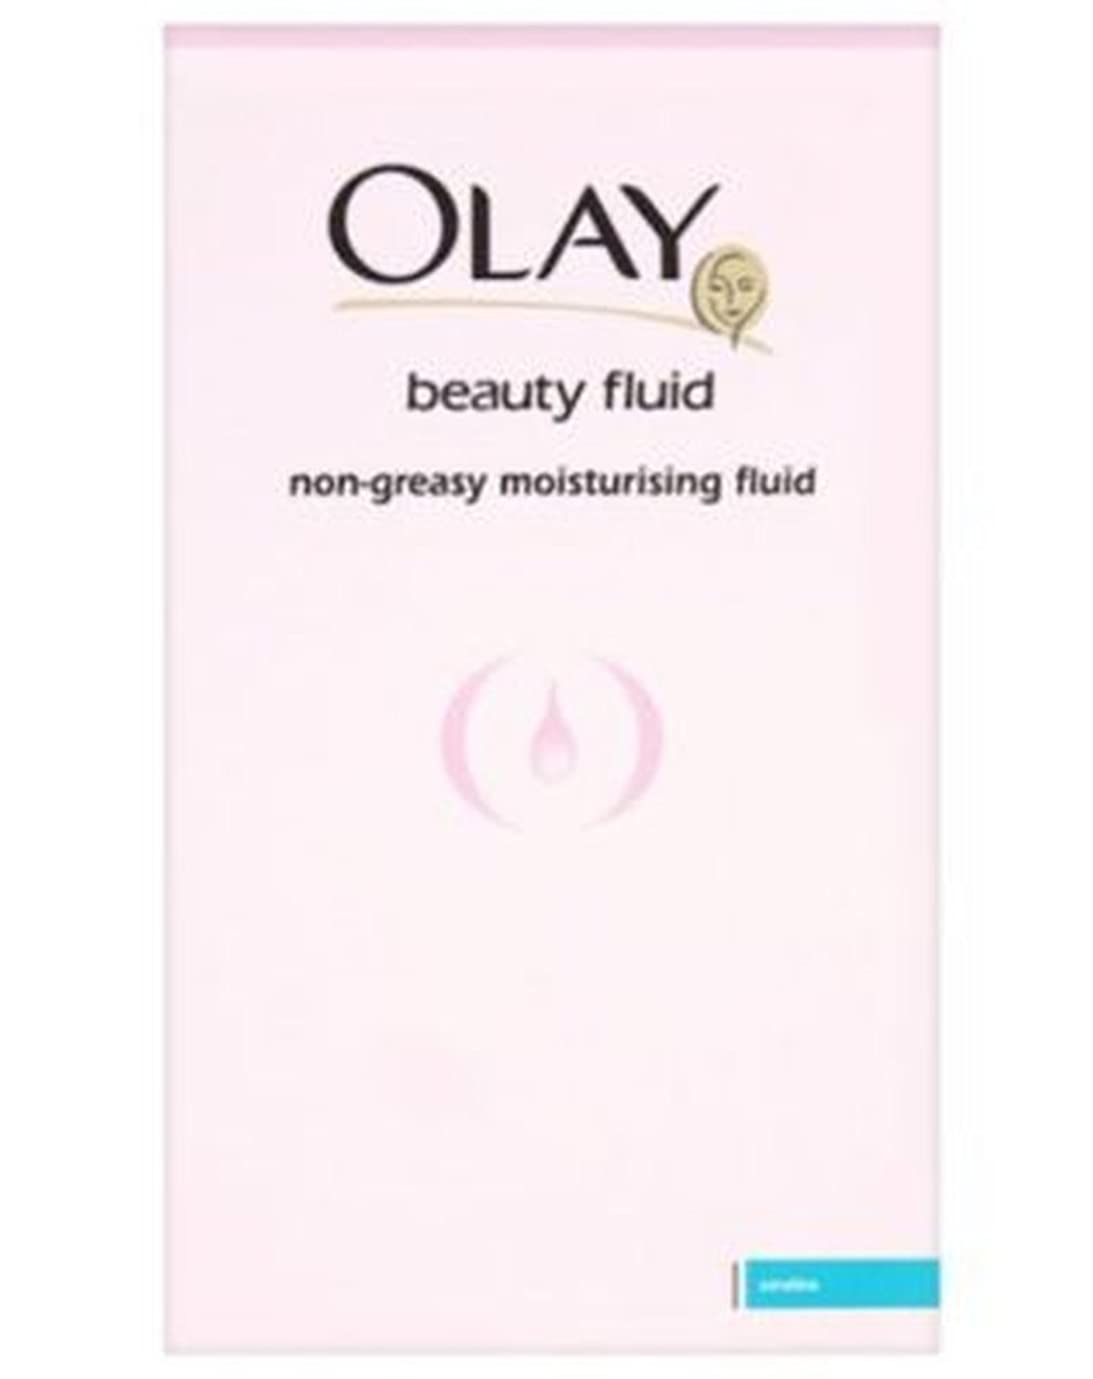 第四織機初心者オーレイの必需品美容液敏感日流体200ミリリットル (Olay) (x2) - Olay Essentials Beauty Fluid Sensitive Day Fluid 200ml (Pack of 2) [並行輸入品]